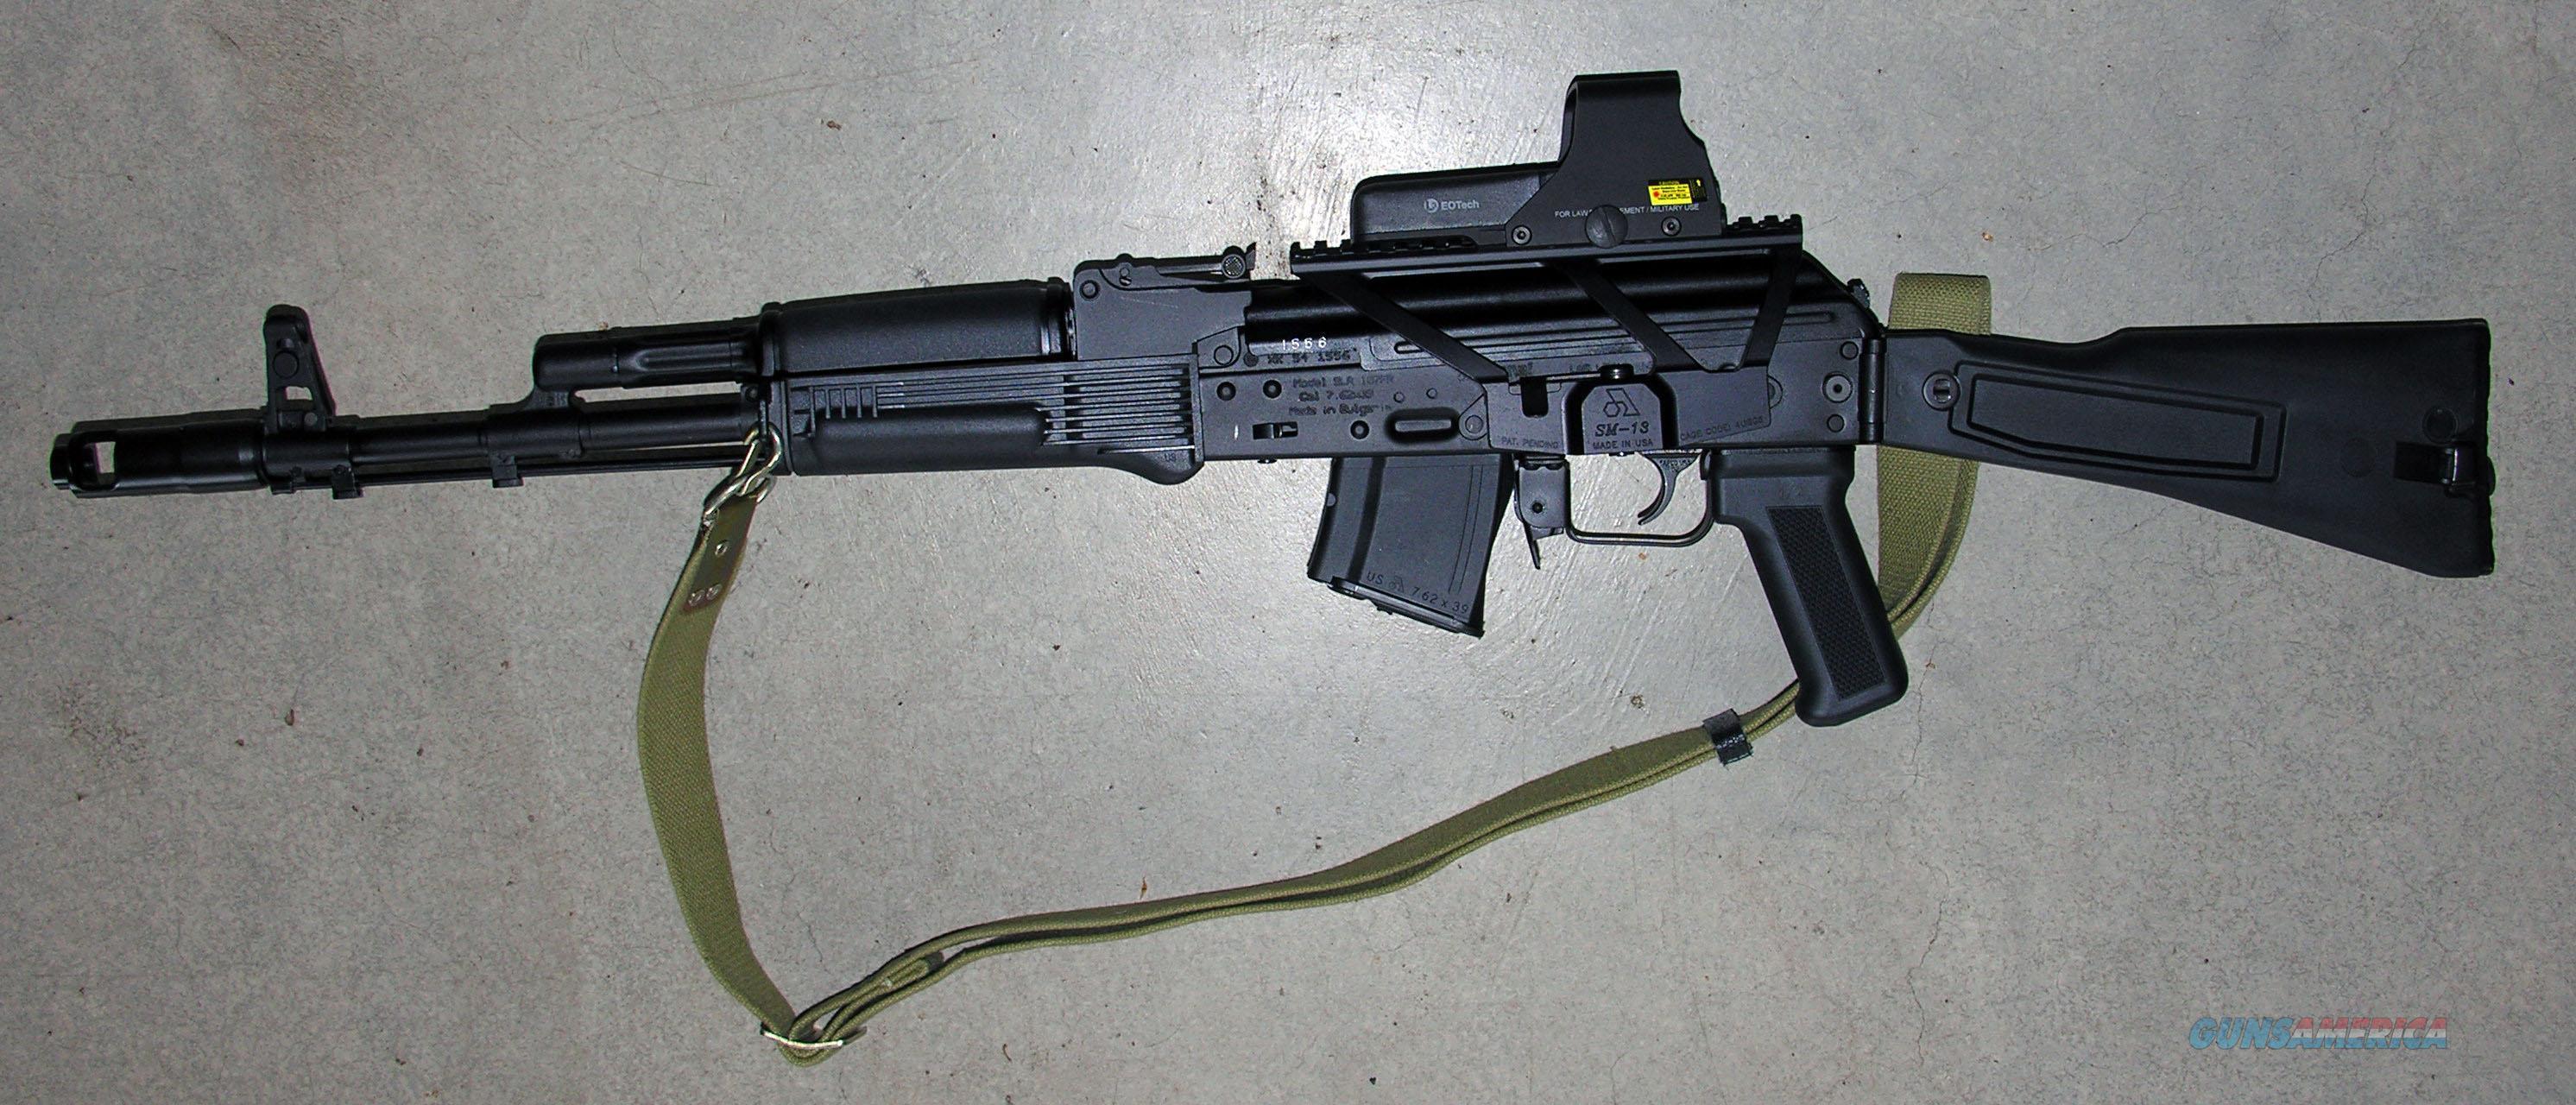 how to swap gun side cs go